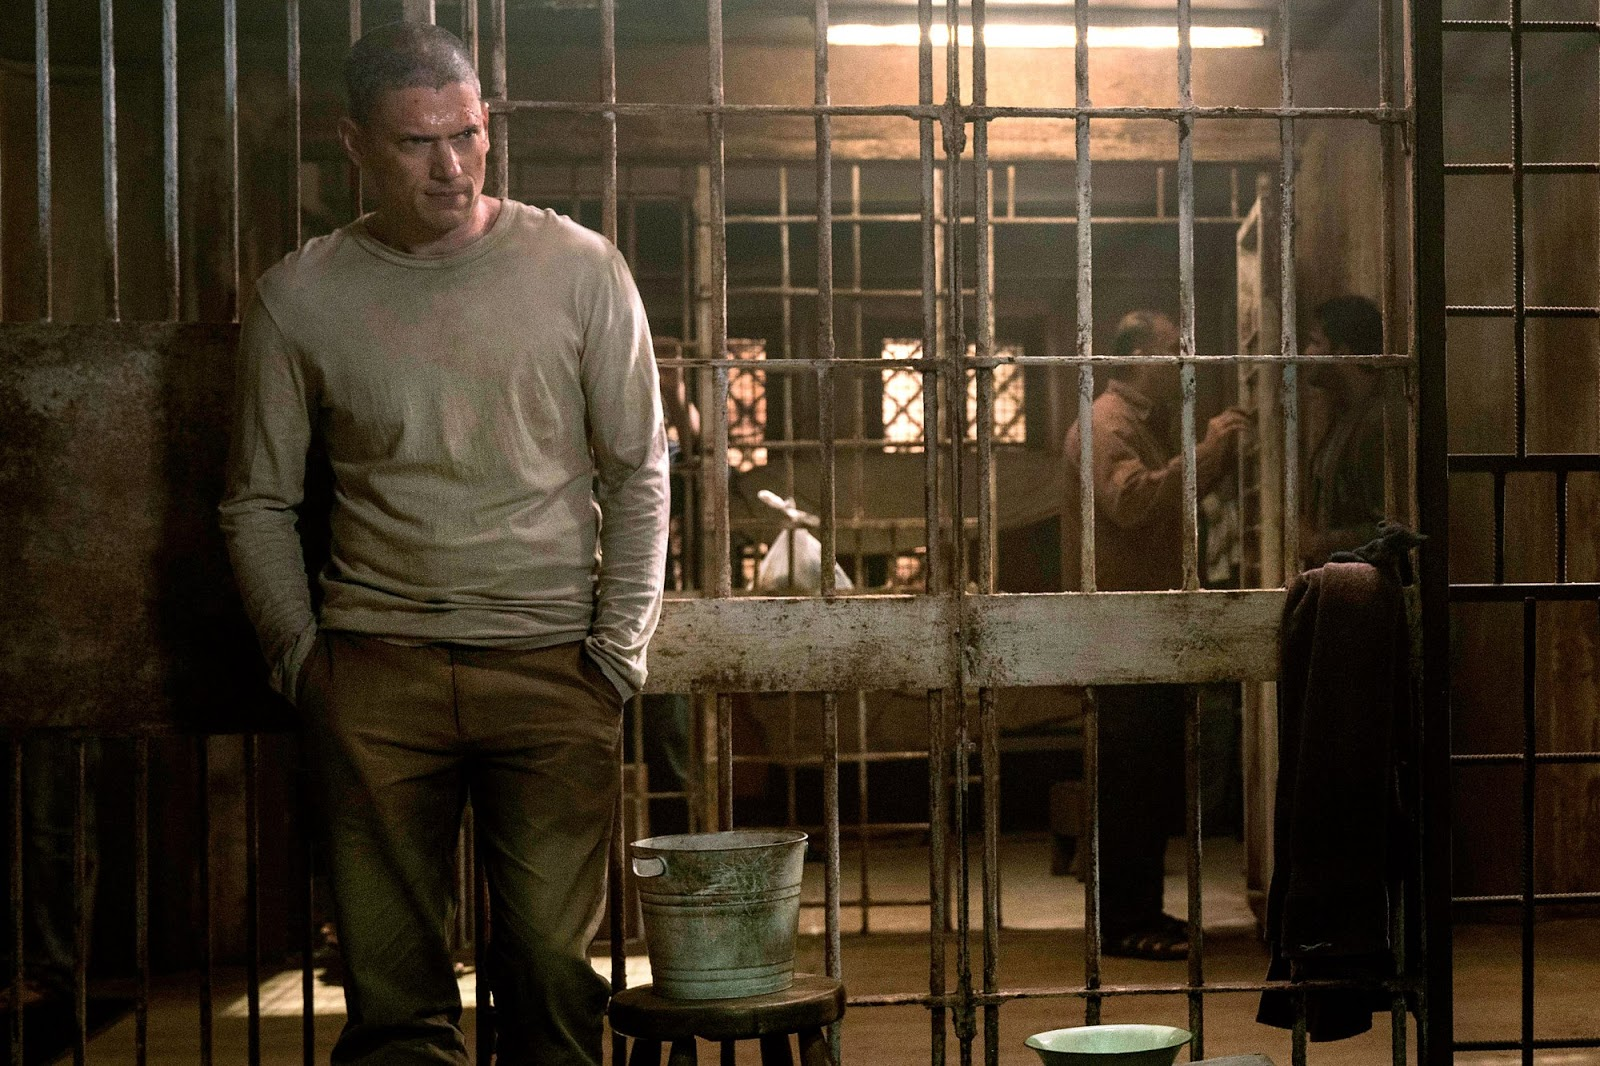 Michael Scofield en Sona, la prisión panameña de la tercera temporada de 'Prison Break'